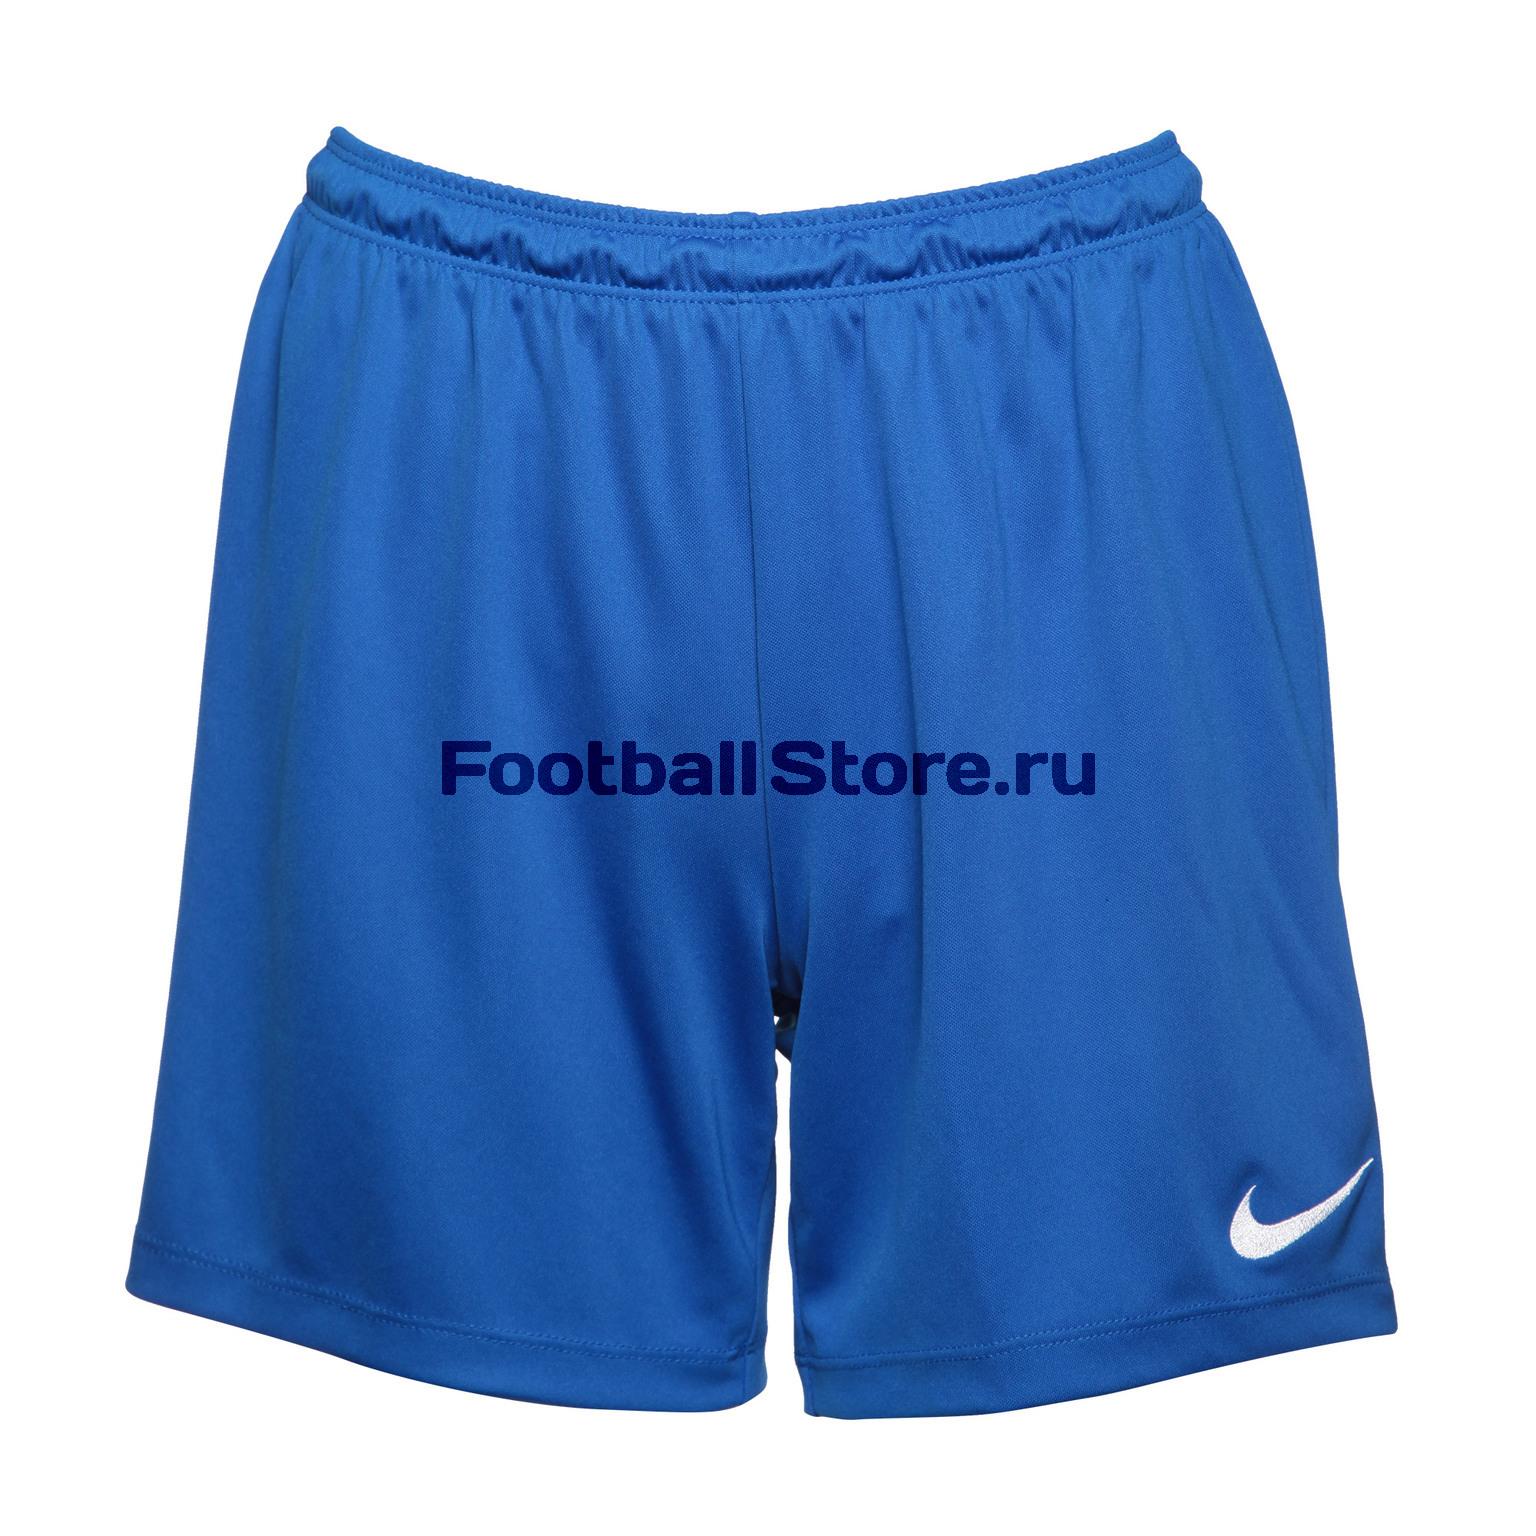 Шорты Nike Шорты игровые женские Nike W Park II Knit Short NB 833053-480